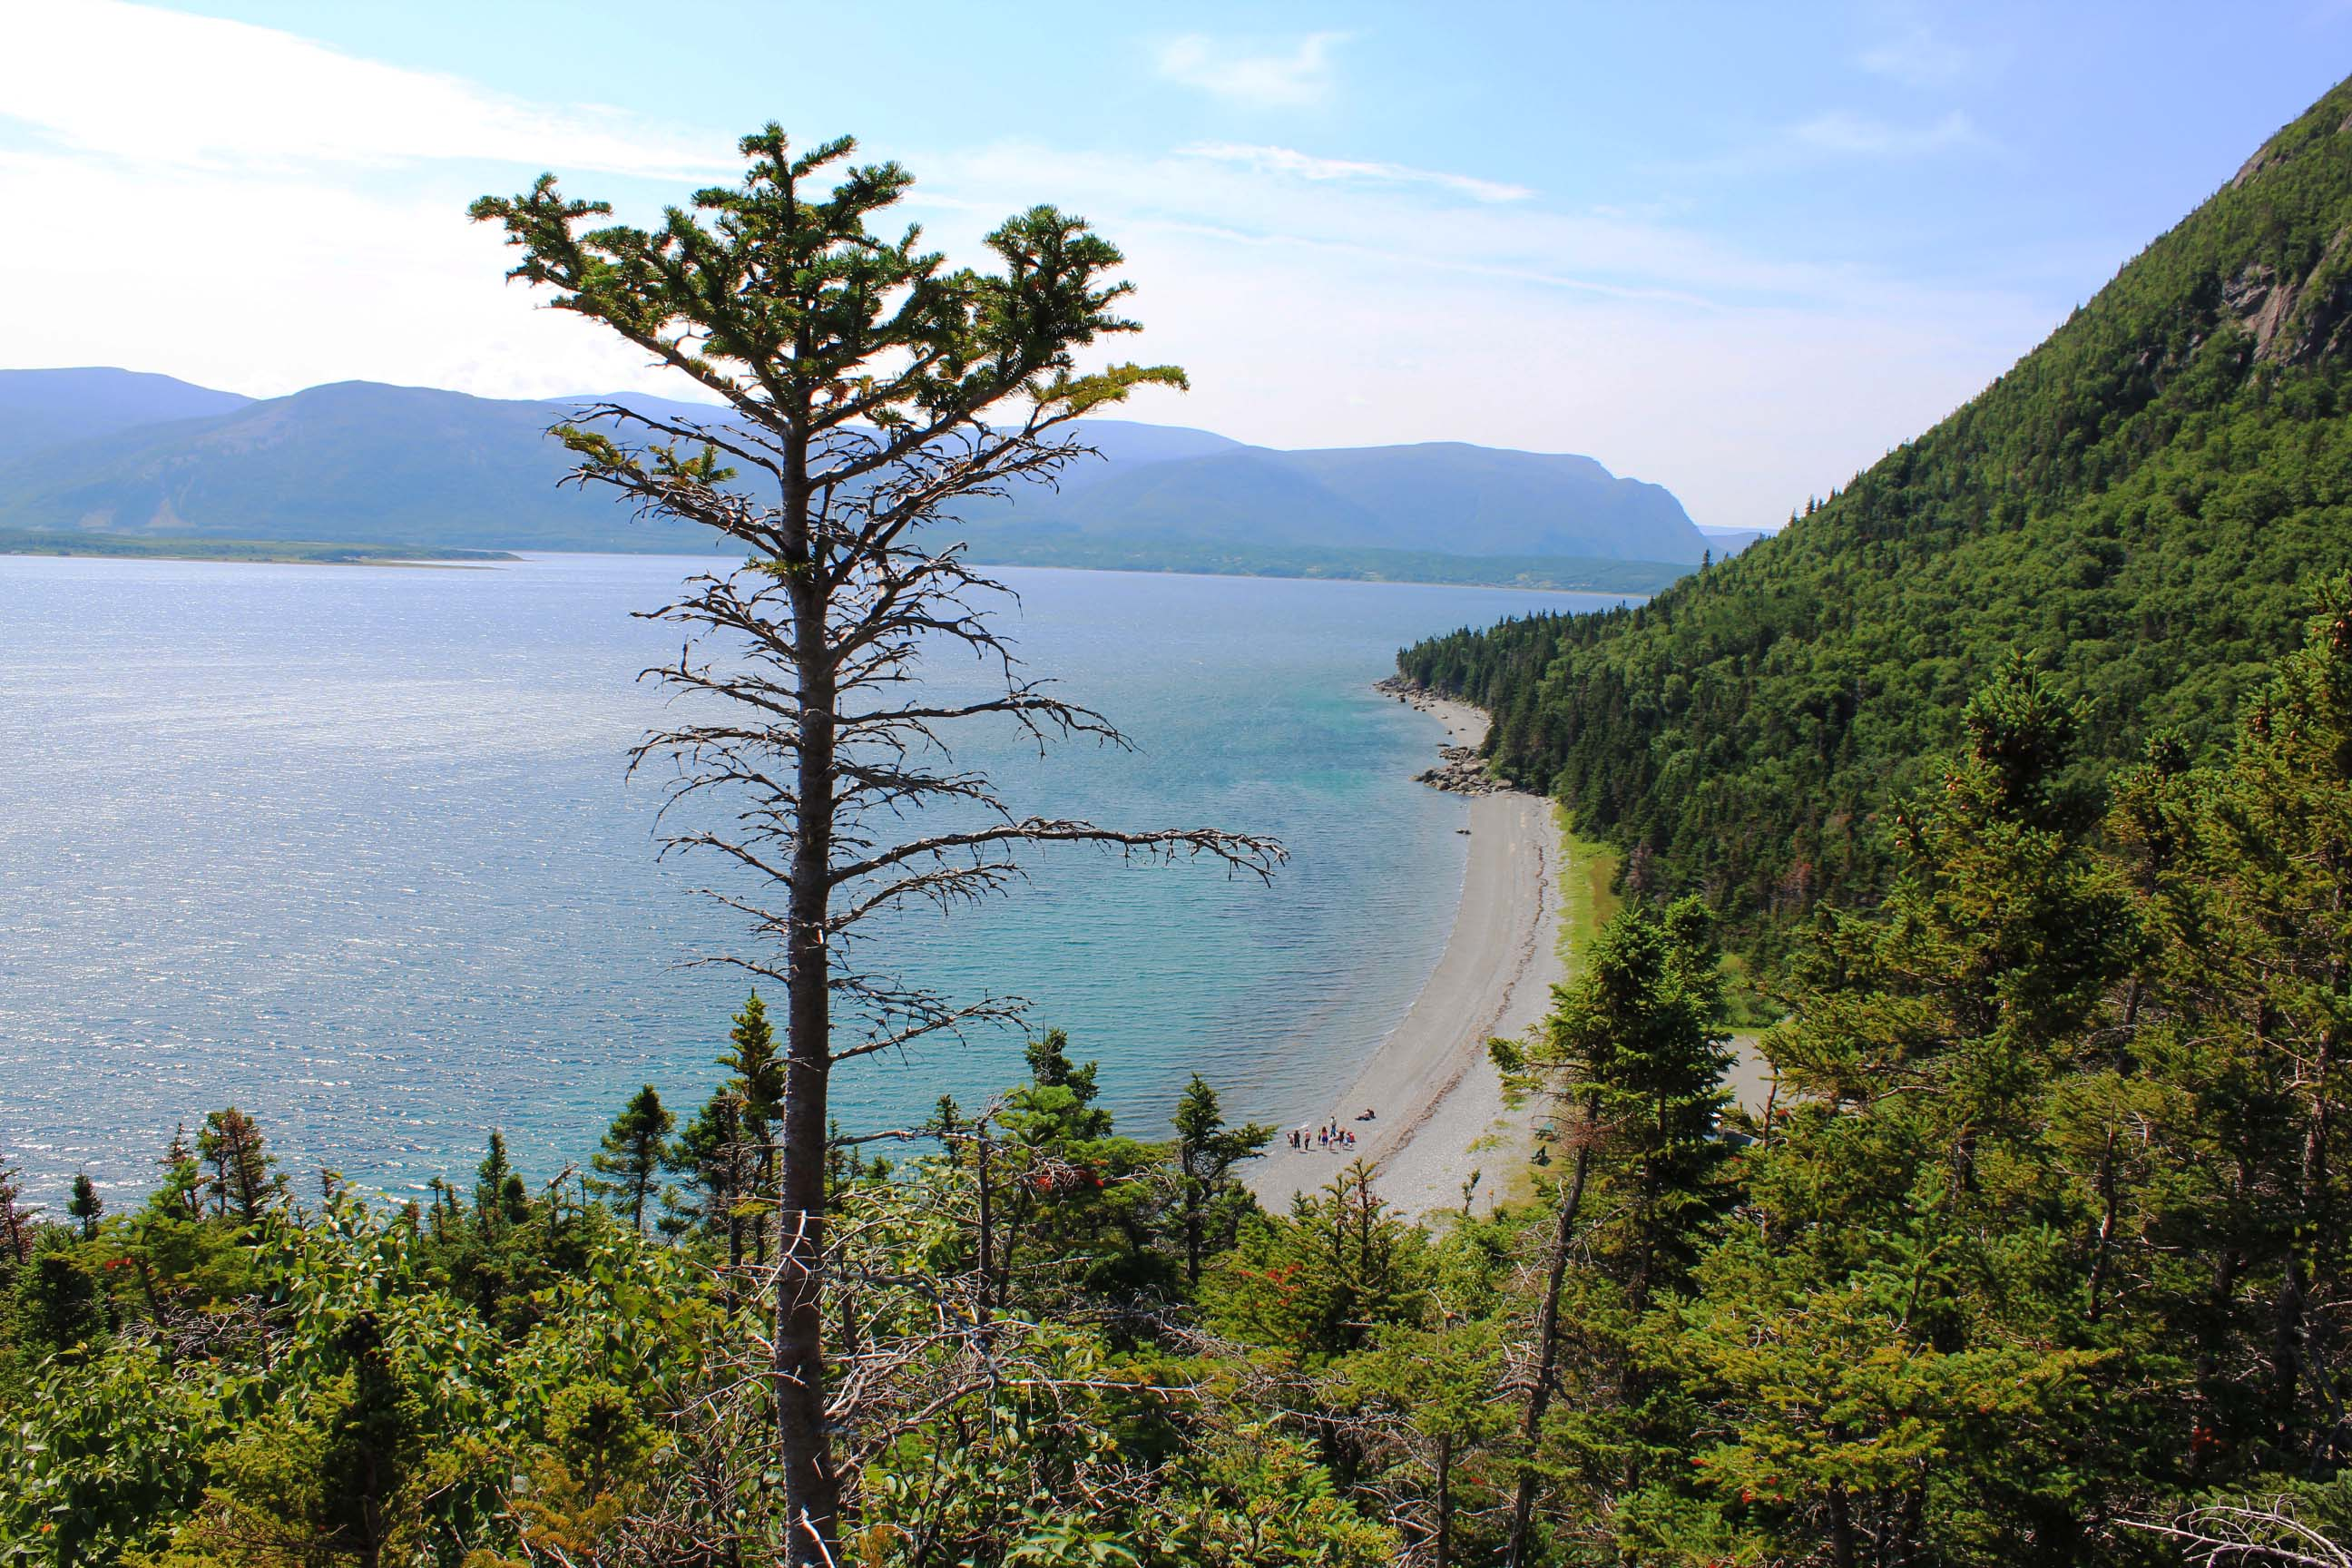 2014- Le voyage jusqu'à Terre-Neuve et le Parc provincial Blow me down